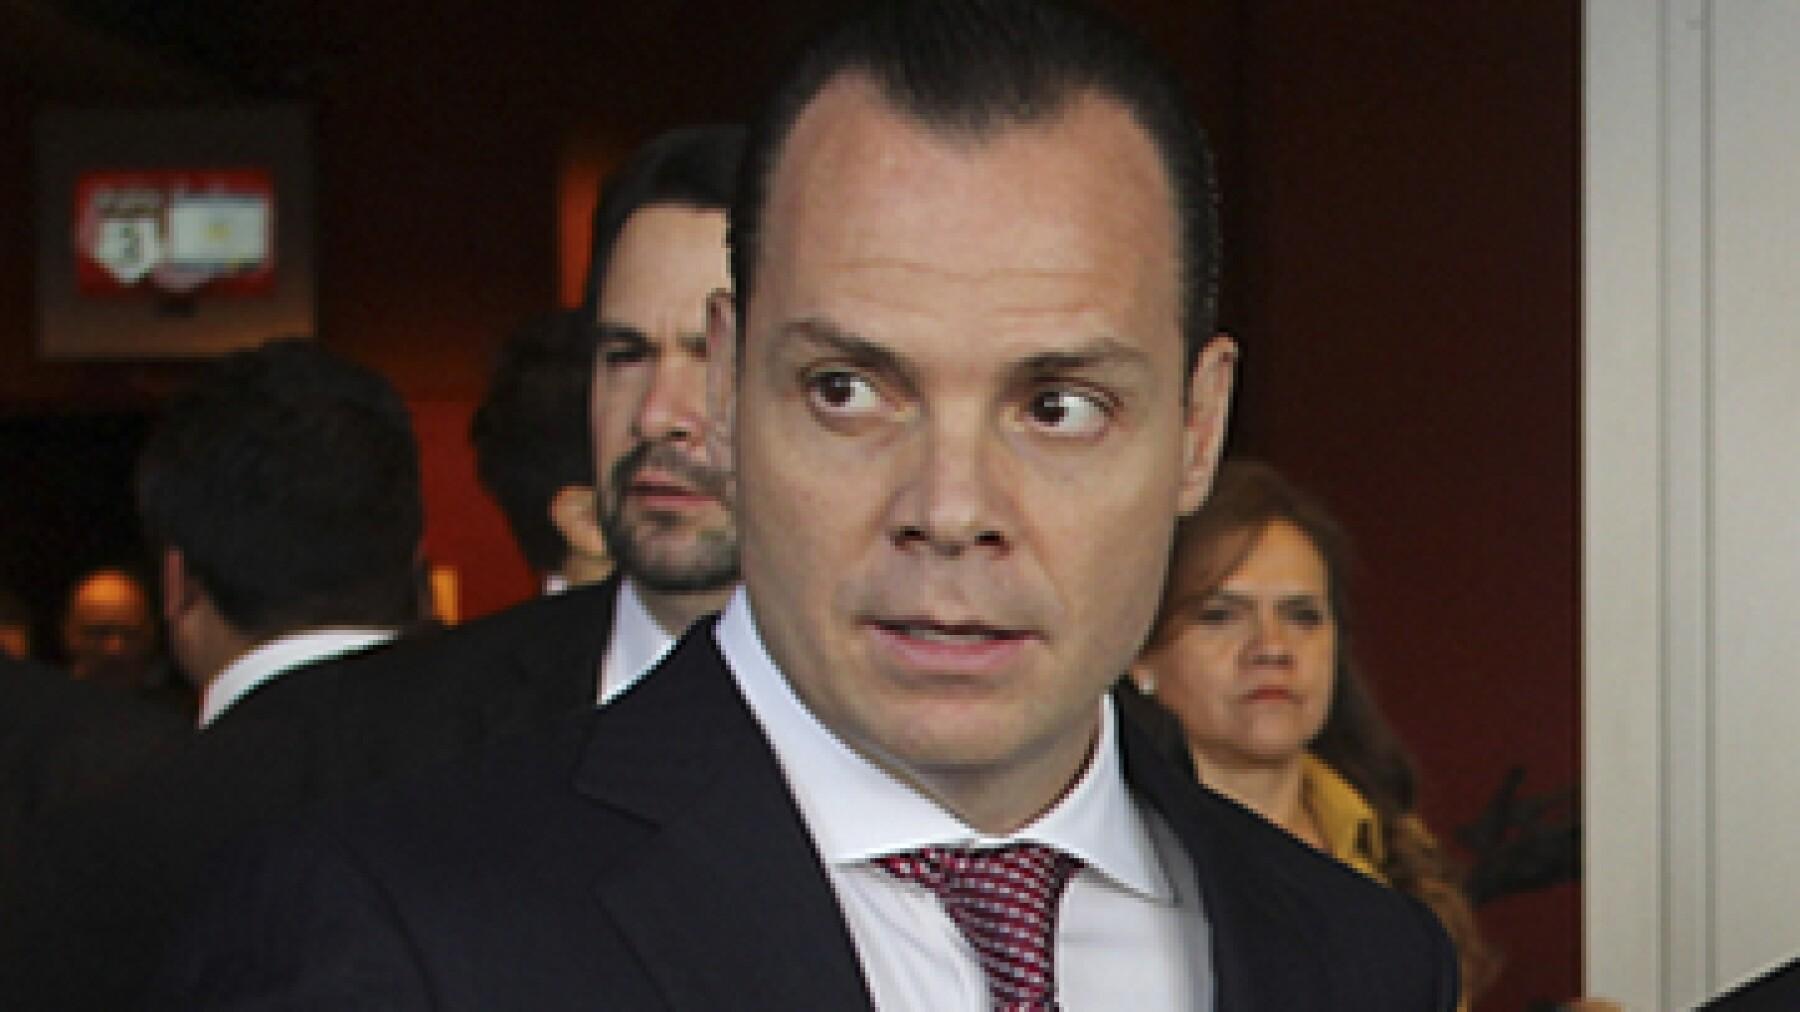 Olegario Vázquez Aldir, dueño del canal CadenaTres, ha mostrado interés en operar una tercera cadena de televisión. Sin embargo, no busca competir de lleno con Televisa y TV Azteca. (Foto: Cuartoscuro)